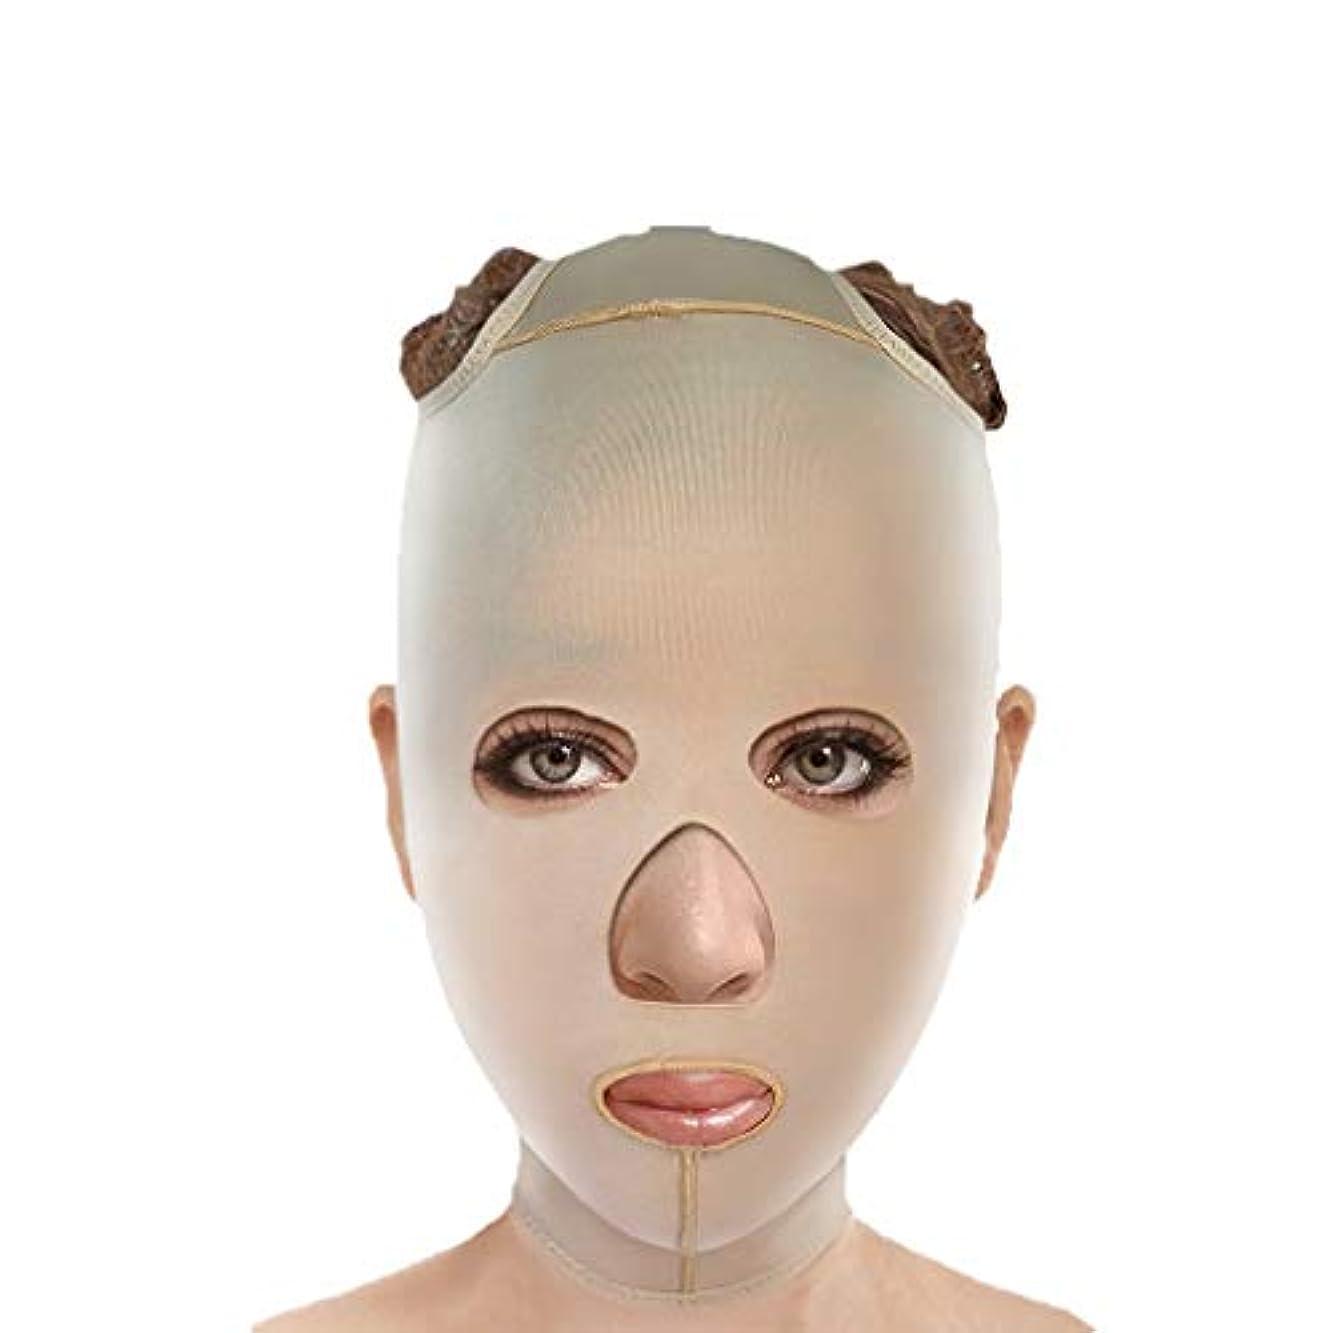 アジア人スペイン叫ぶXHLMRMJ あごのストラップ、フェイスリフティング、アンチエイジングフェイシャルバンデージ、フェイシャル減量マスク、ファーミングマスク、フェイシャルリフティングアーティファクト (Size : L)